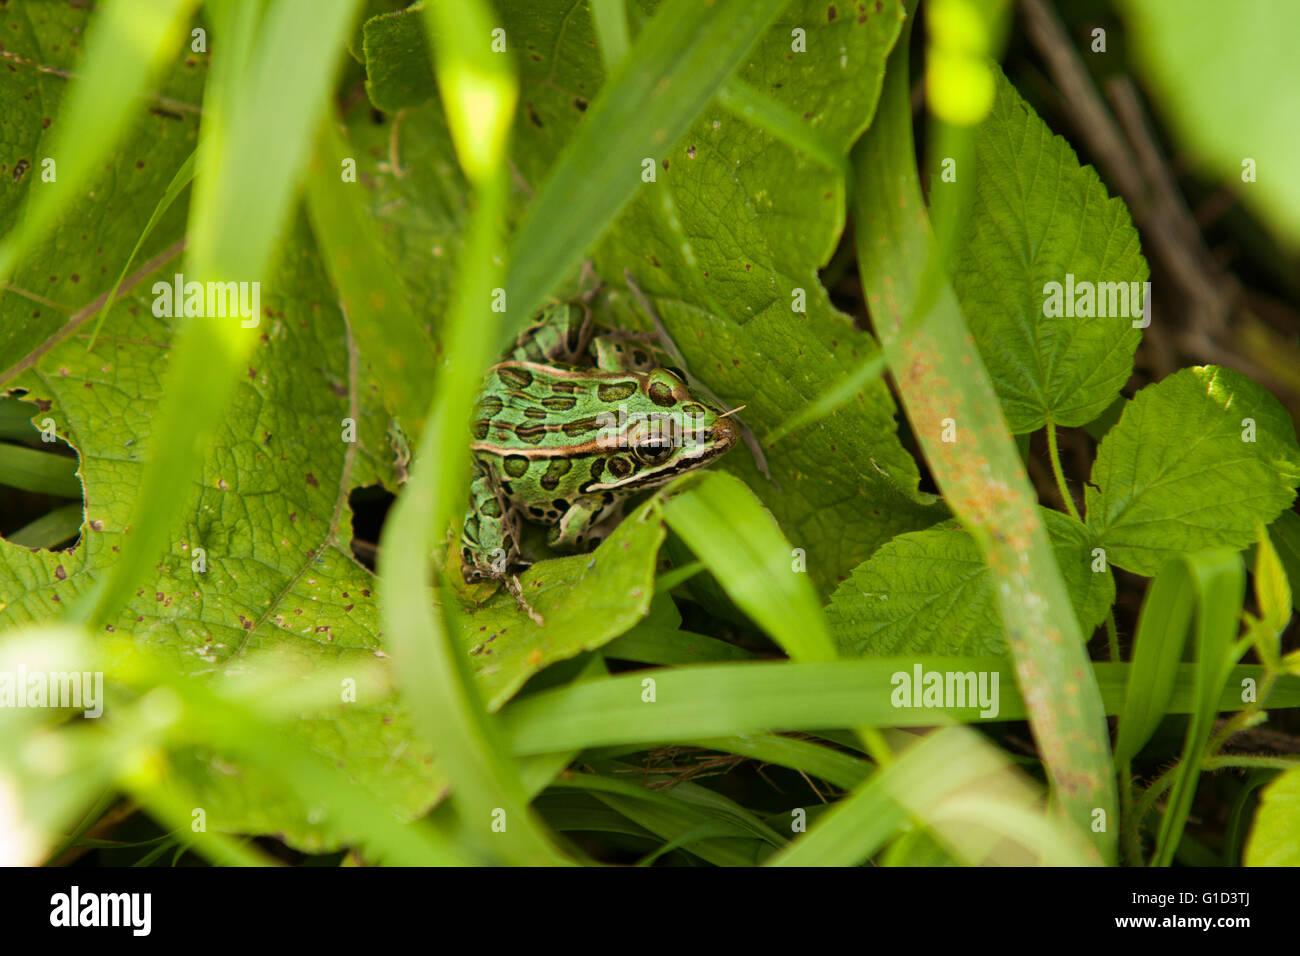 Leopard frog in vegetation. - Stock Image